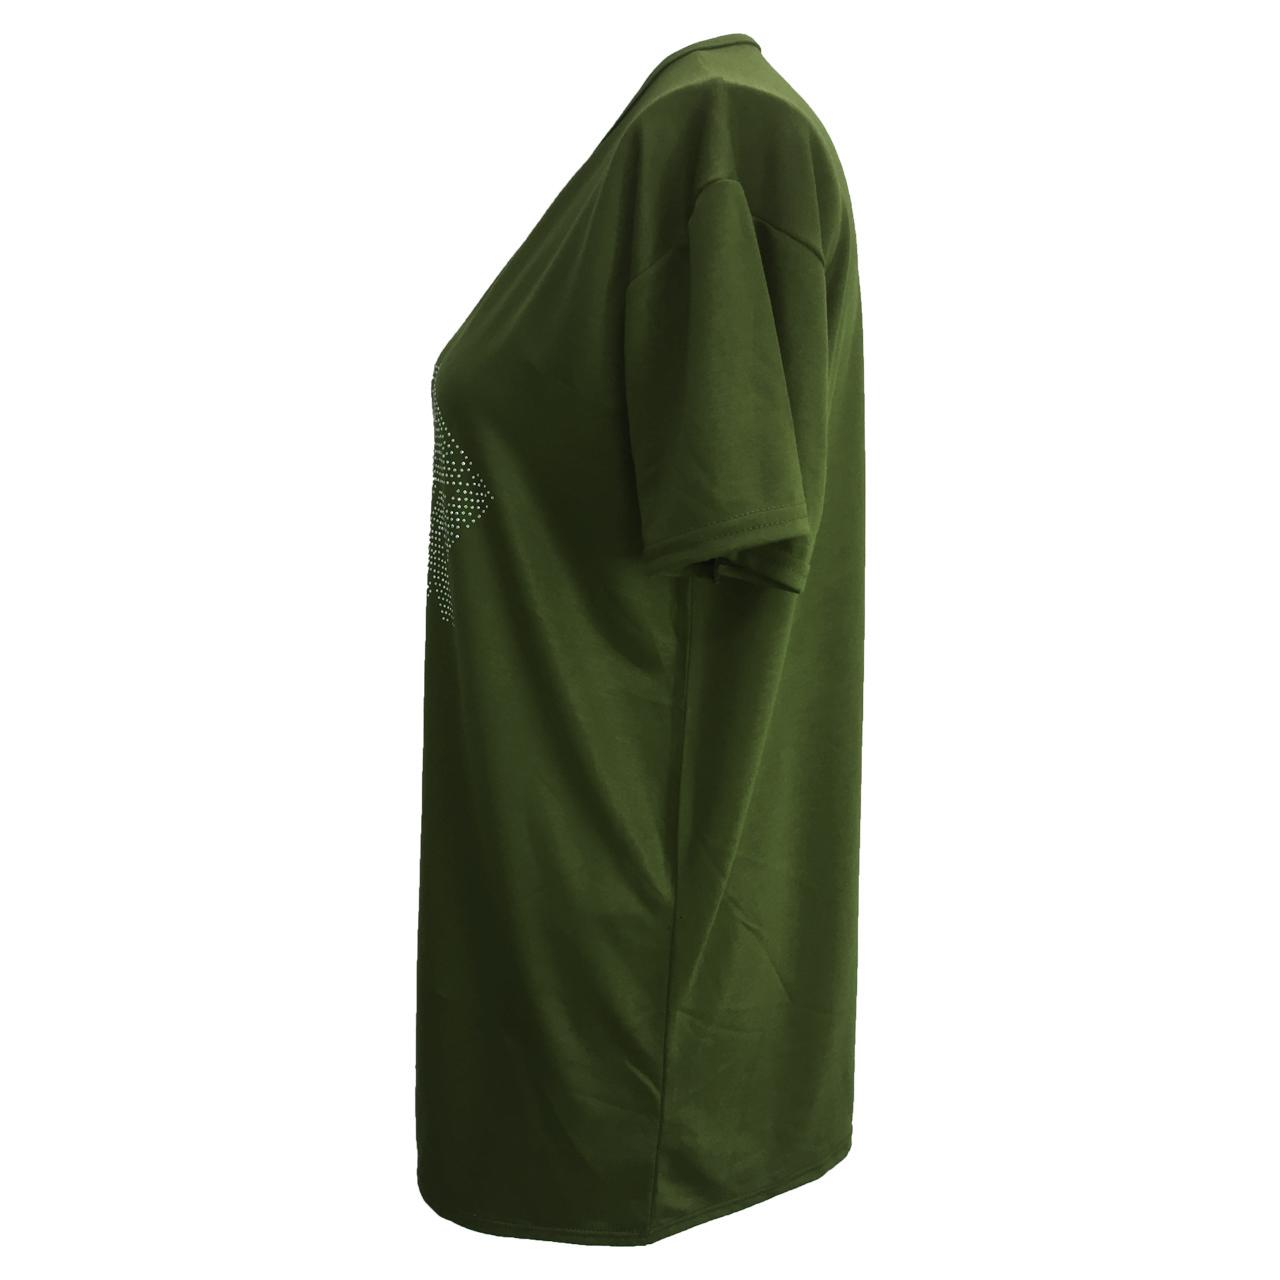 تونیک آستین کوتاه زنانه کد tm-996 رنگ سبز یشمی